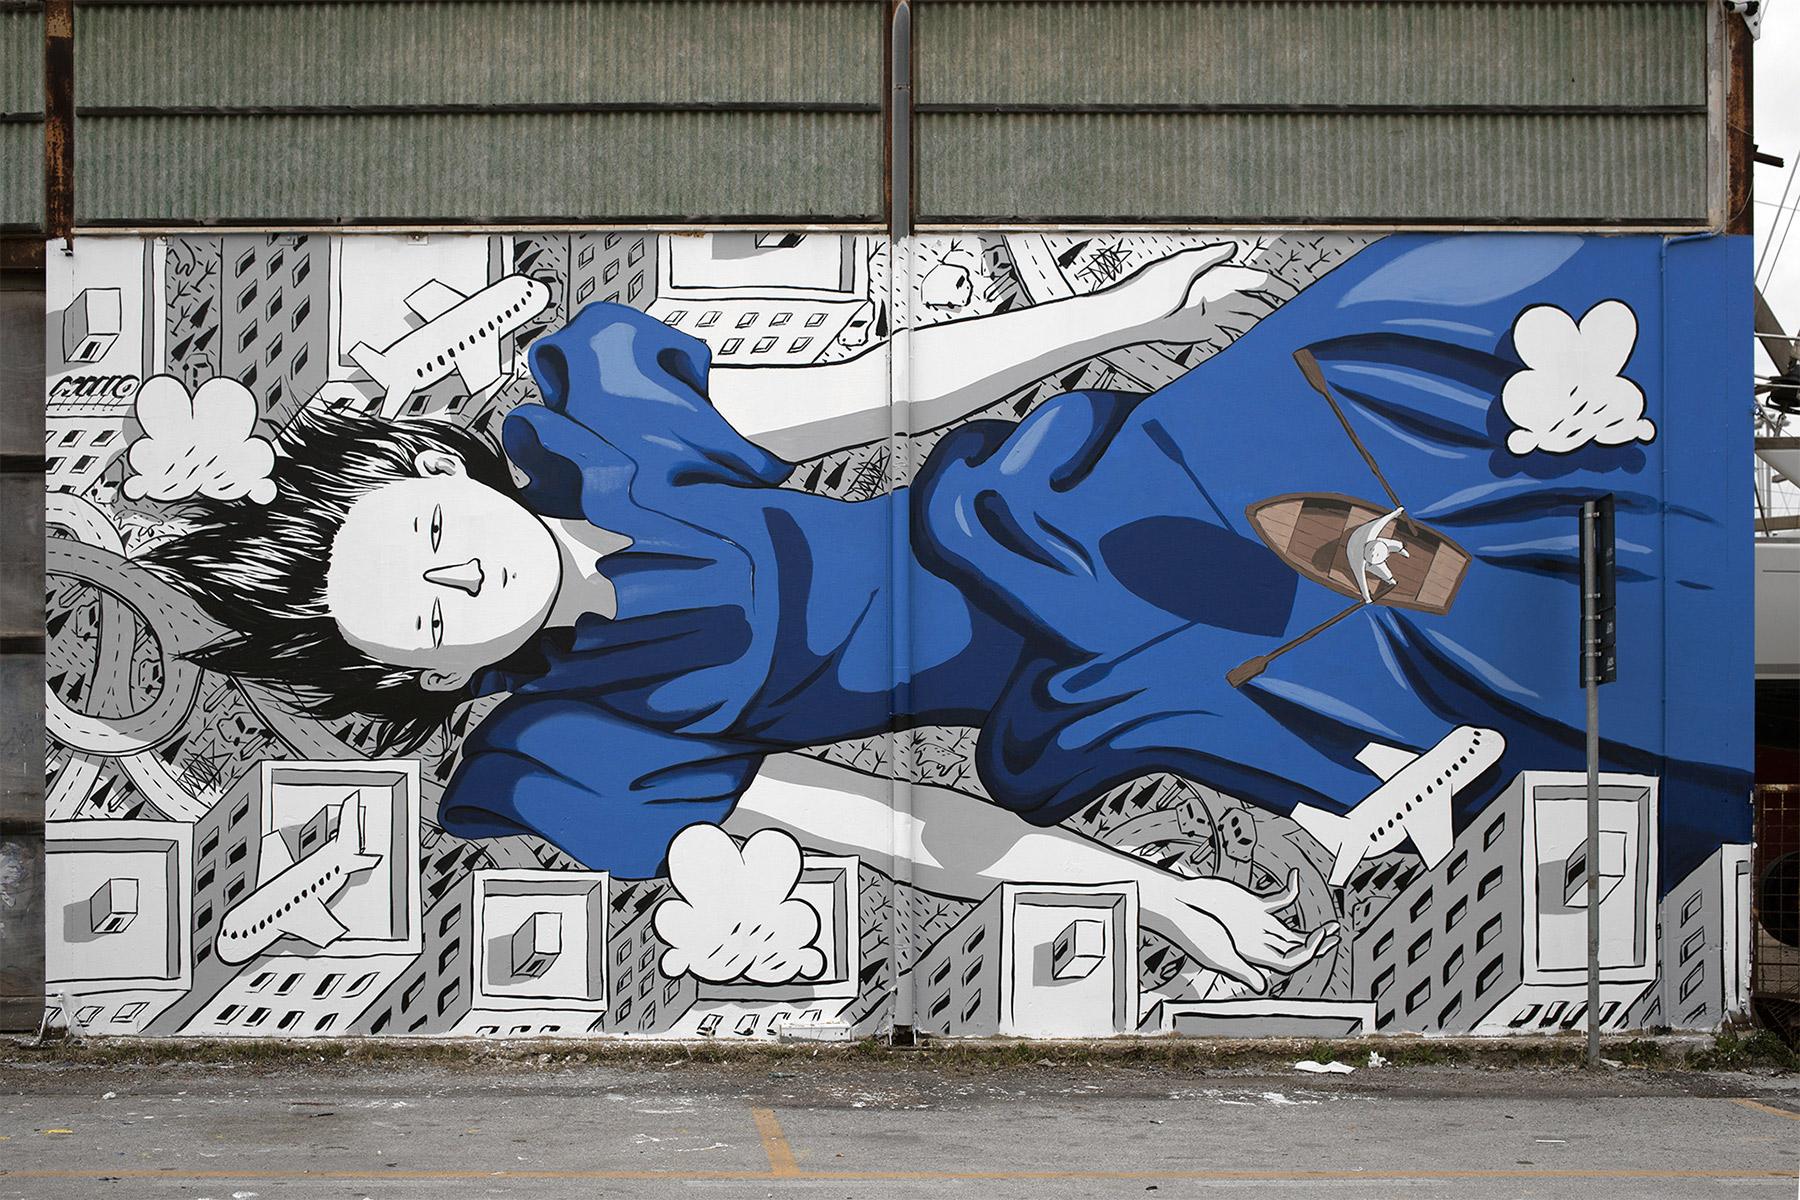 意大利米洛(Millo)富有情感的街头壁画